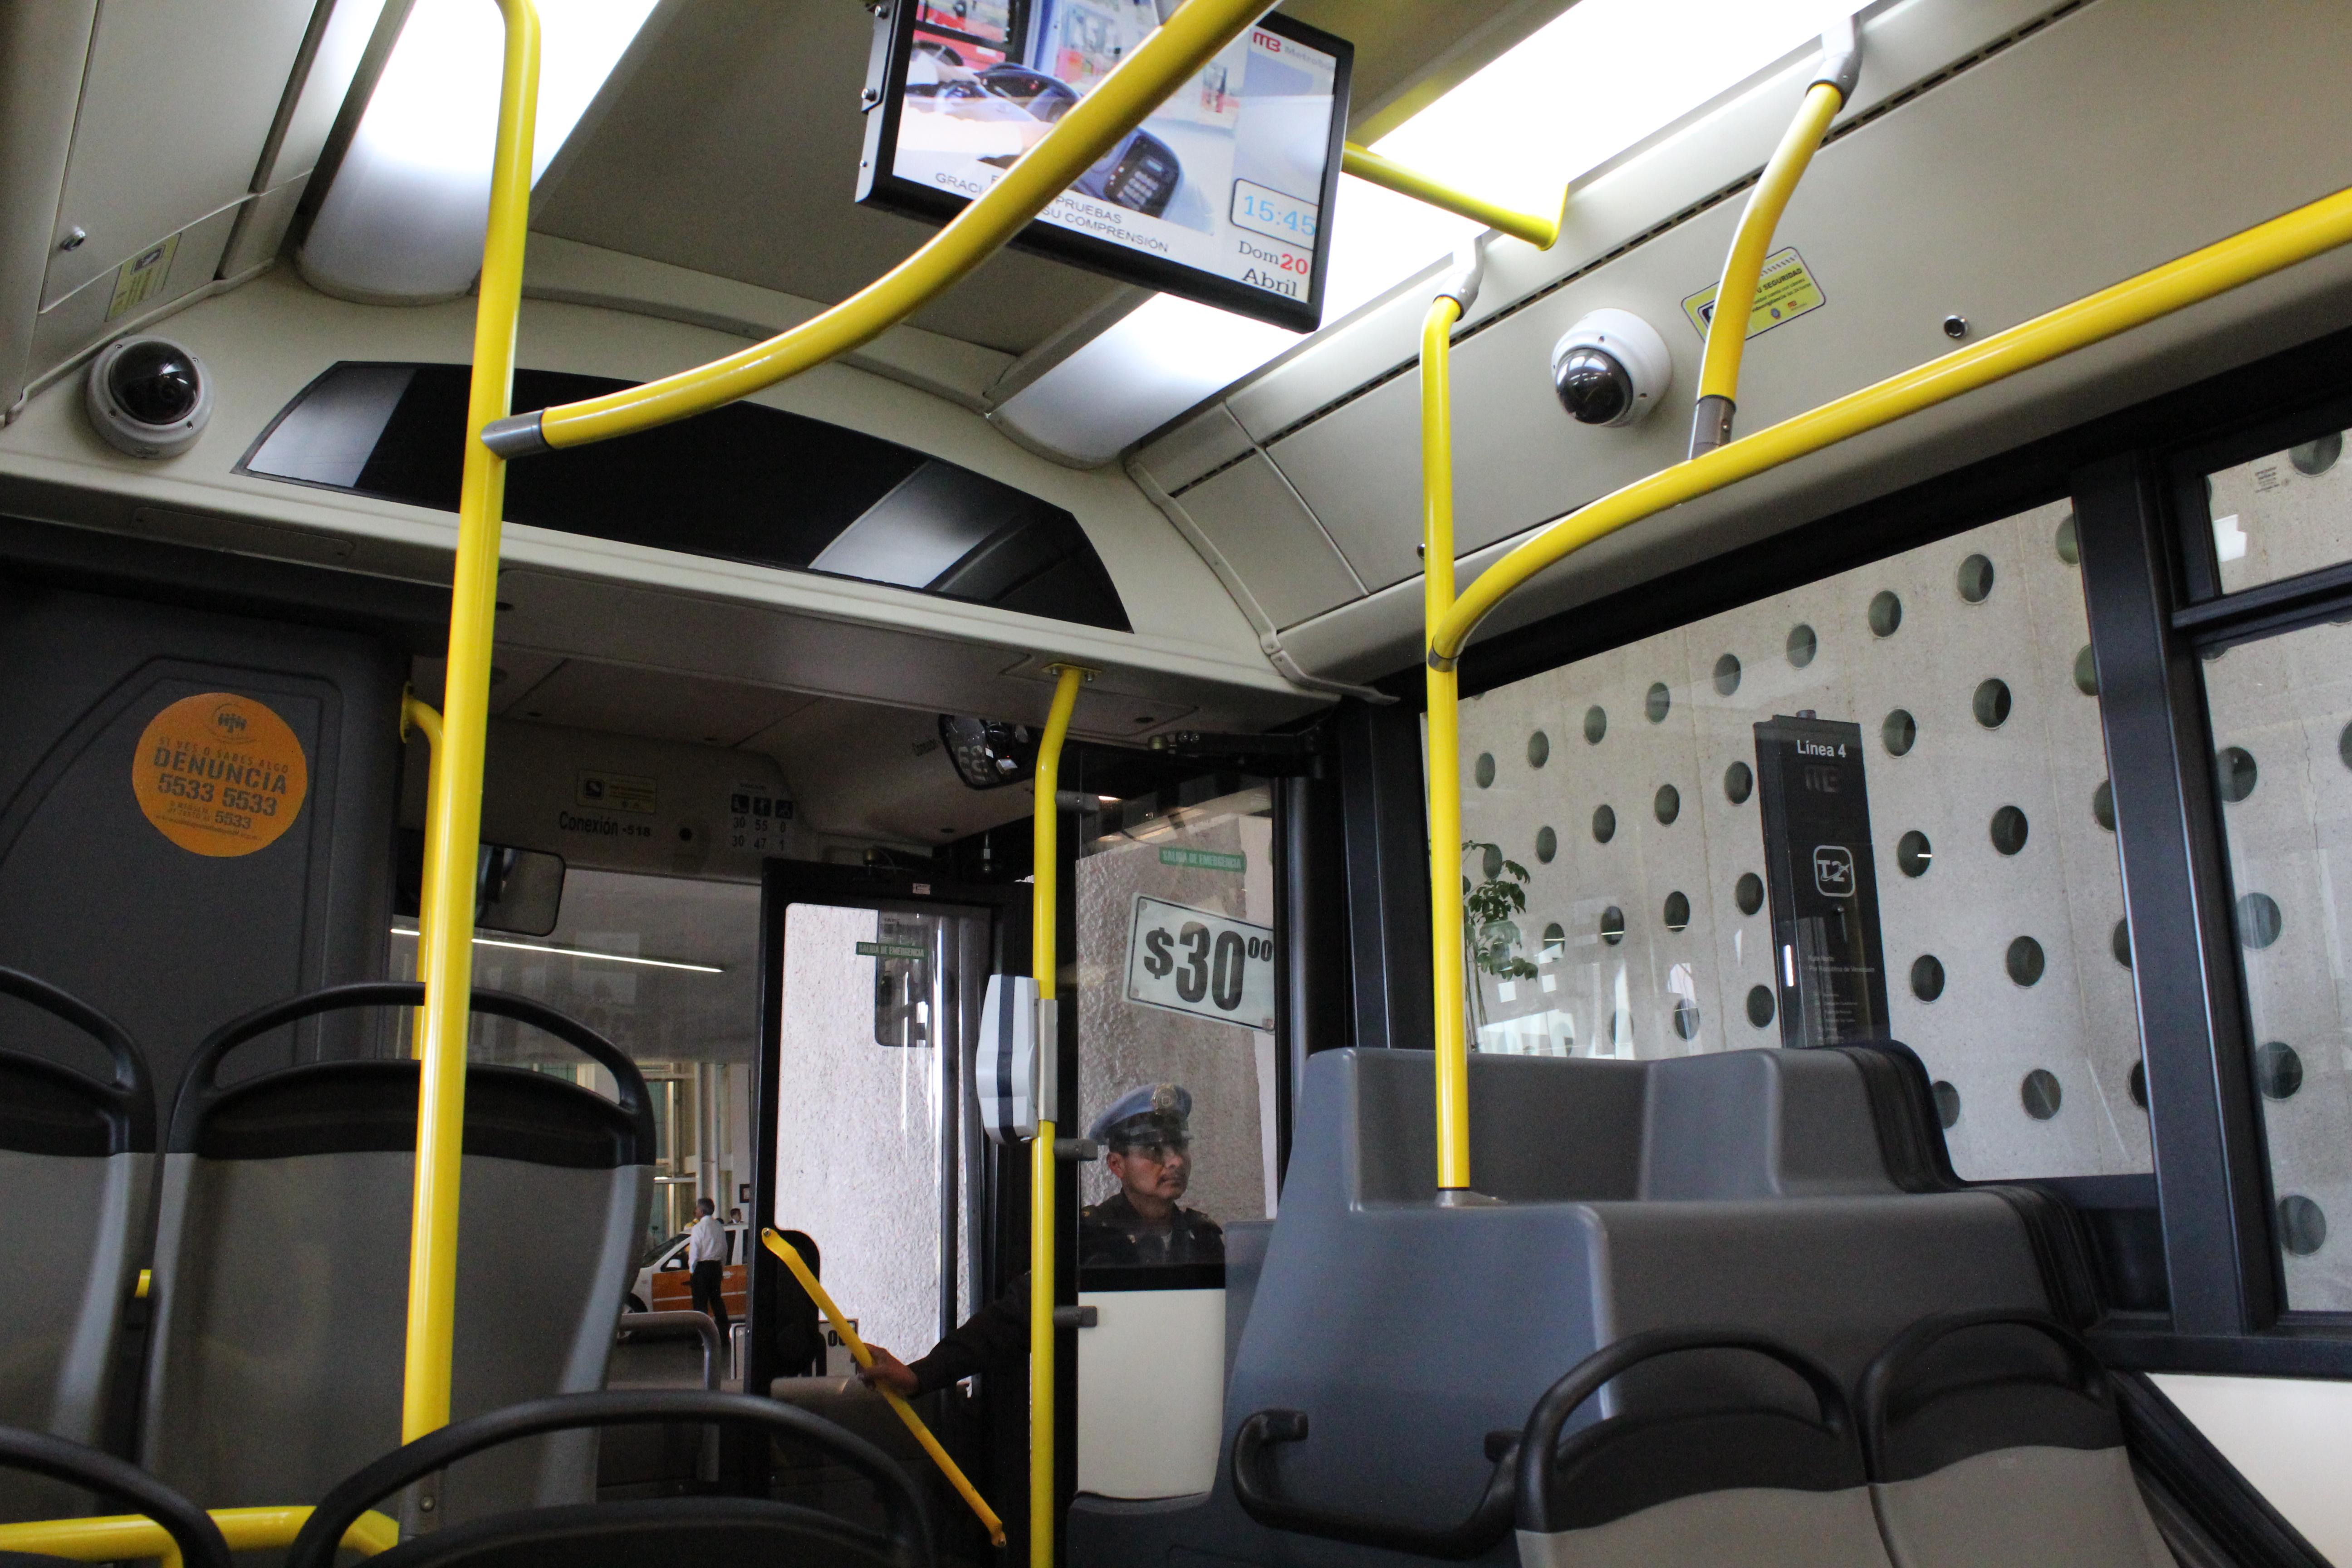 Bus aeropuerto Mexico